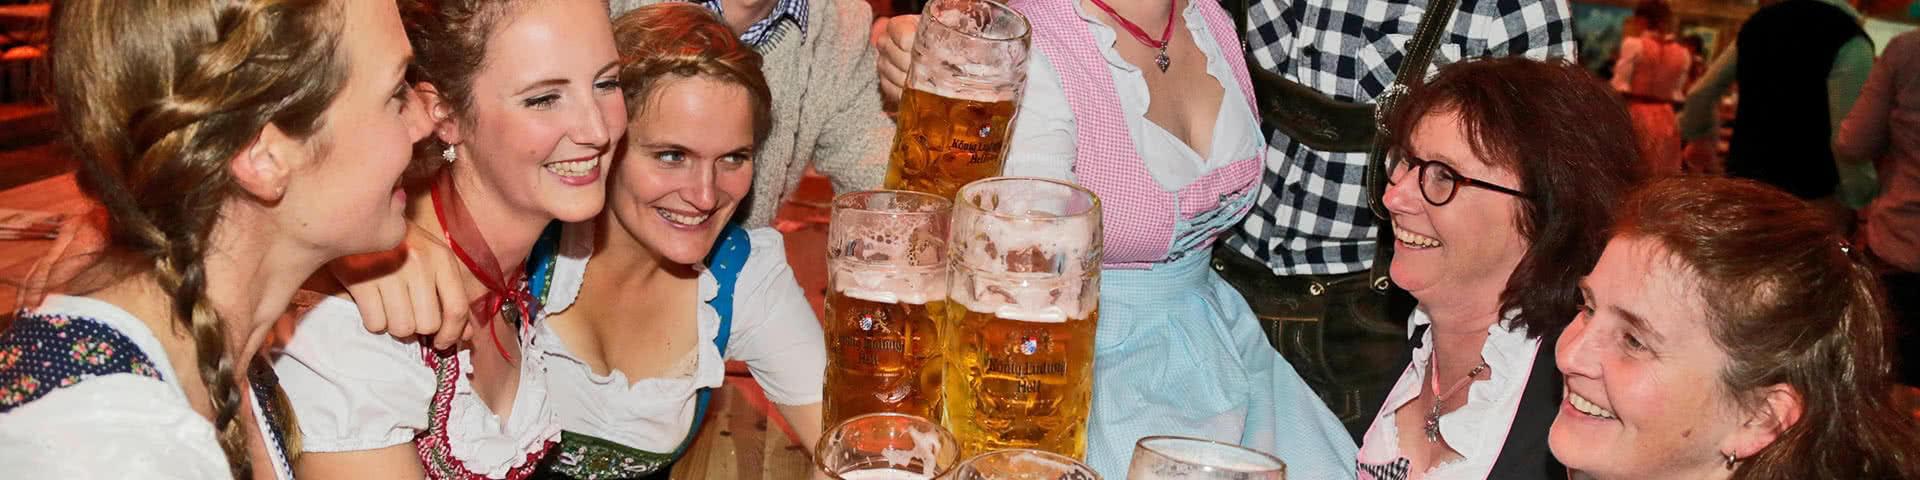 Gruppe trinkt gemeinsam BIer auf dem Oktoberfest in Münster